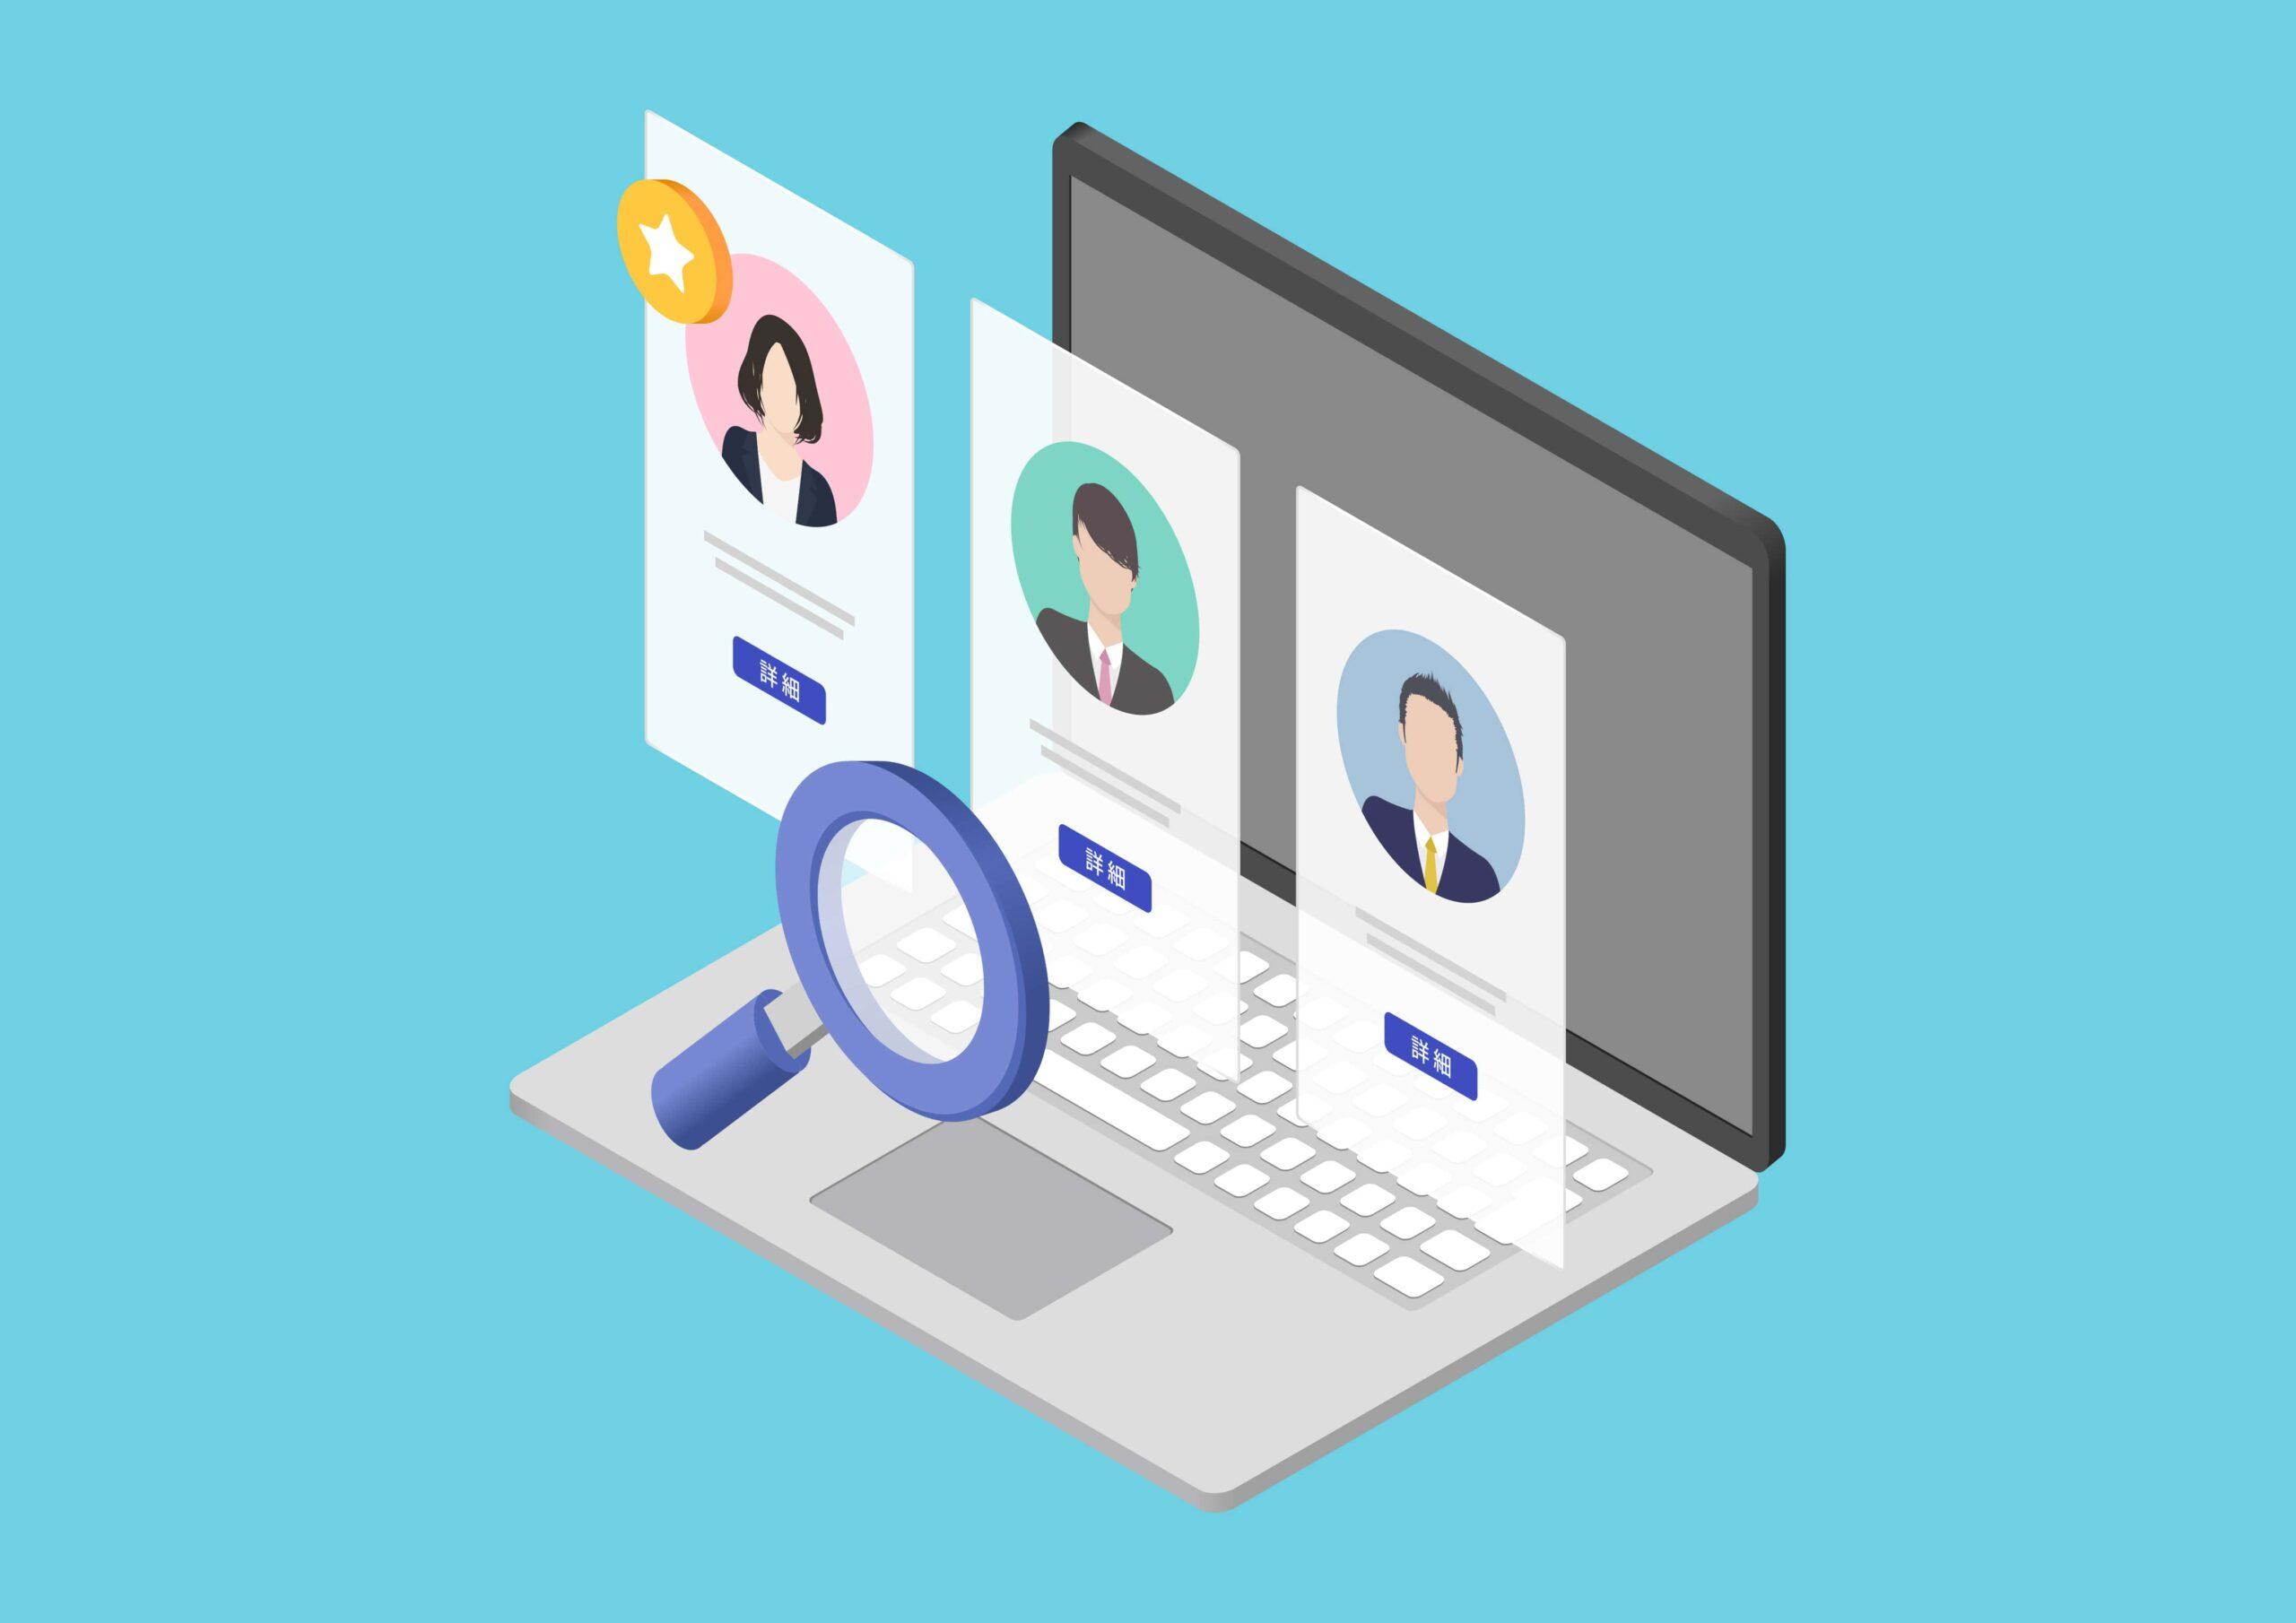 求職者のタイプによって情報の展開方法を変える